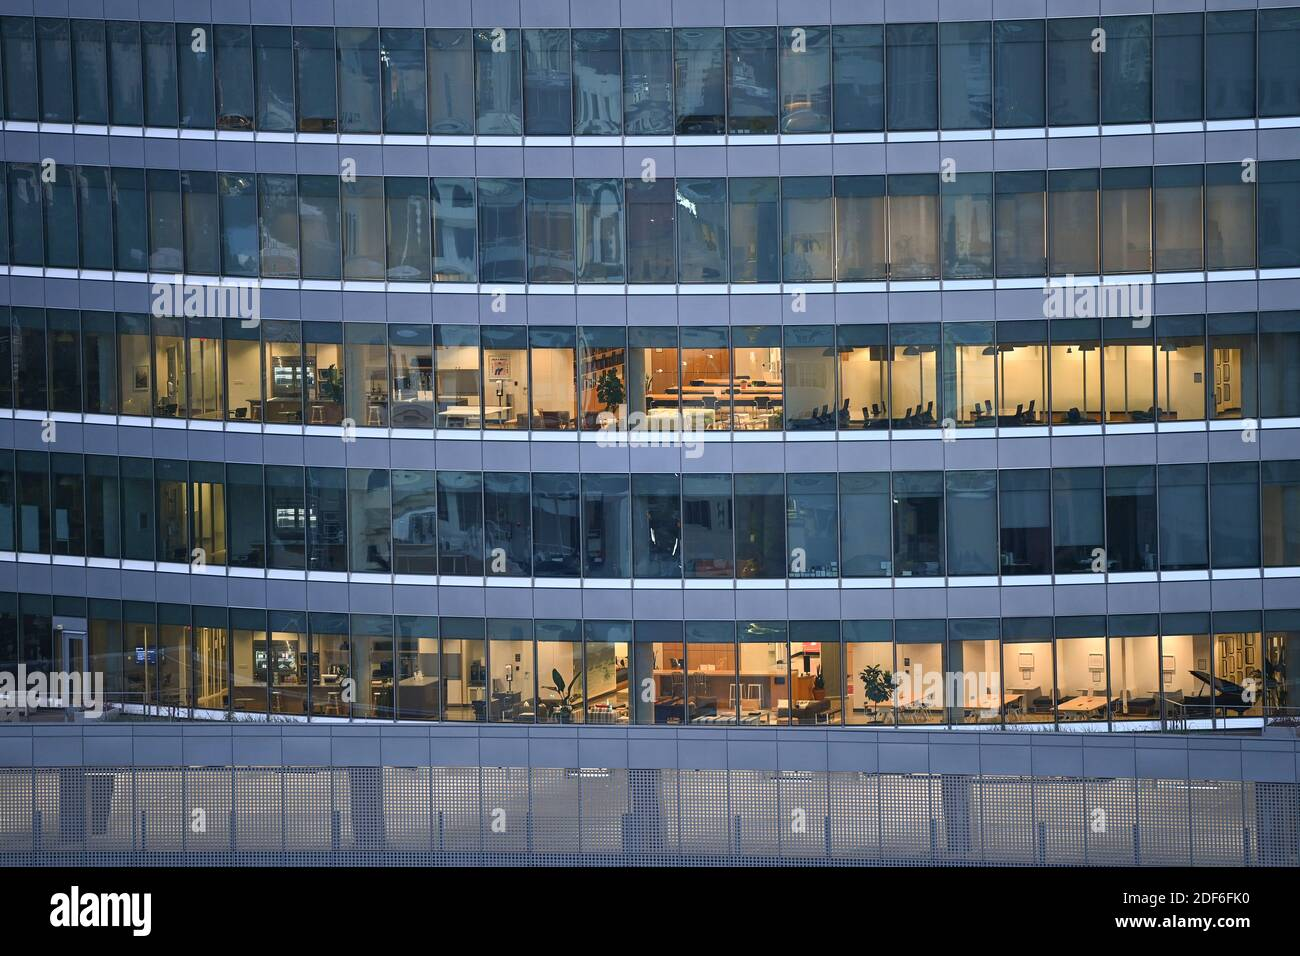 15. August 2020 Austin, Texas: Blick auf das SXSW Center während eines frühen Morgensonnenaufgangs, Blick nach Norden vom Westgate Building in der Innenstadt von Austin. © Bob Daemmrich Stockfoto